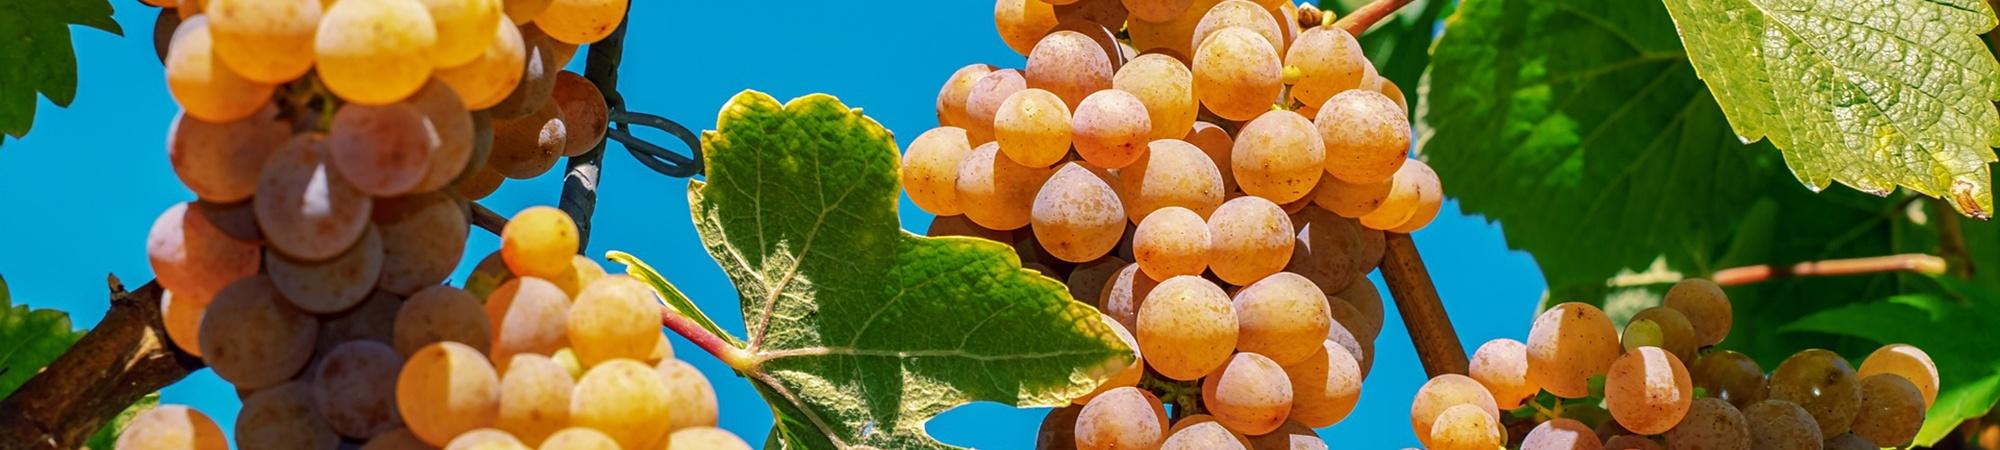 Plattform für Vorträge rund um das Thema Wein